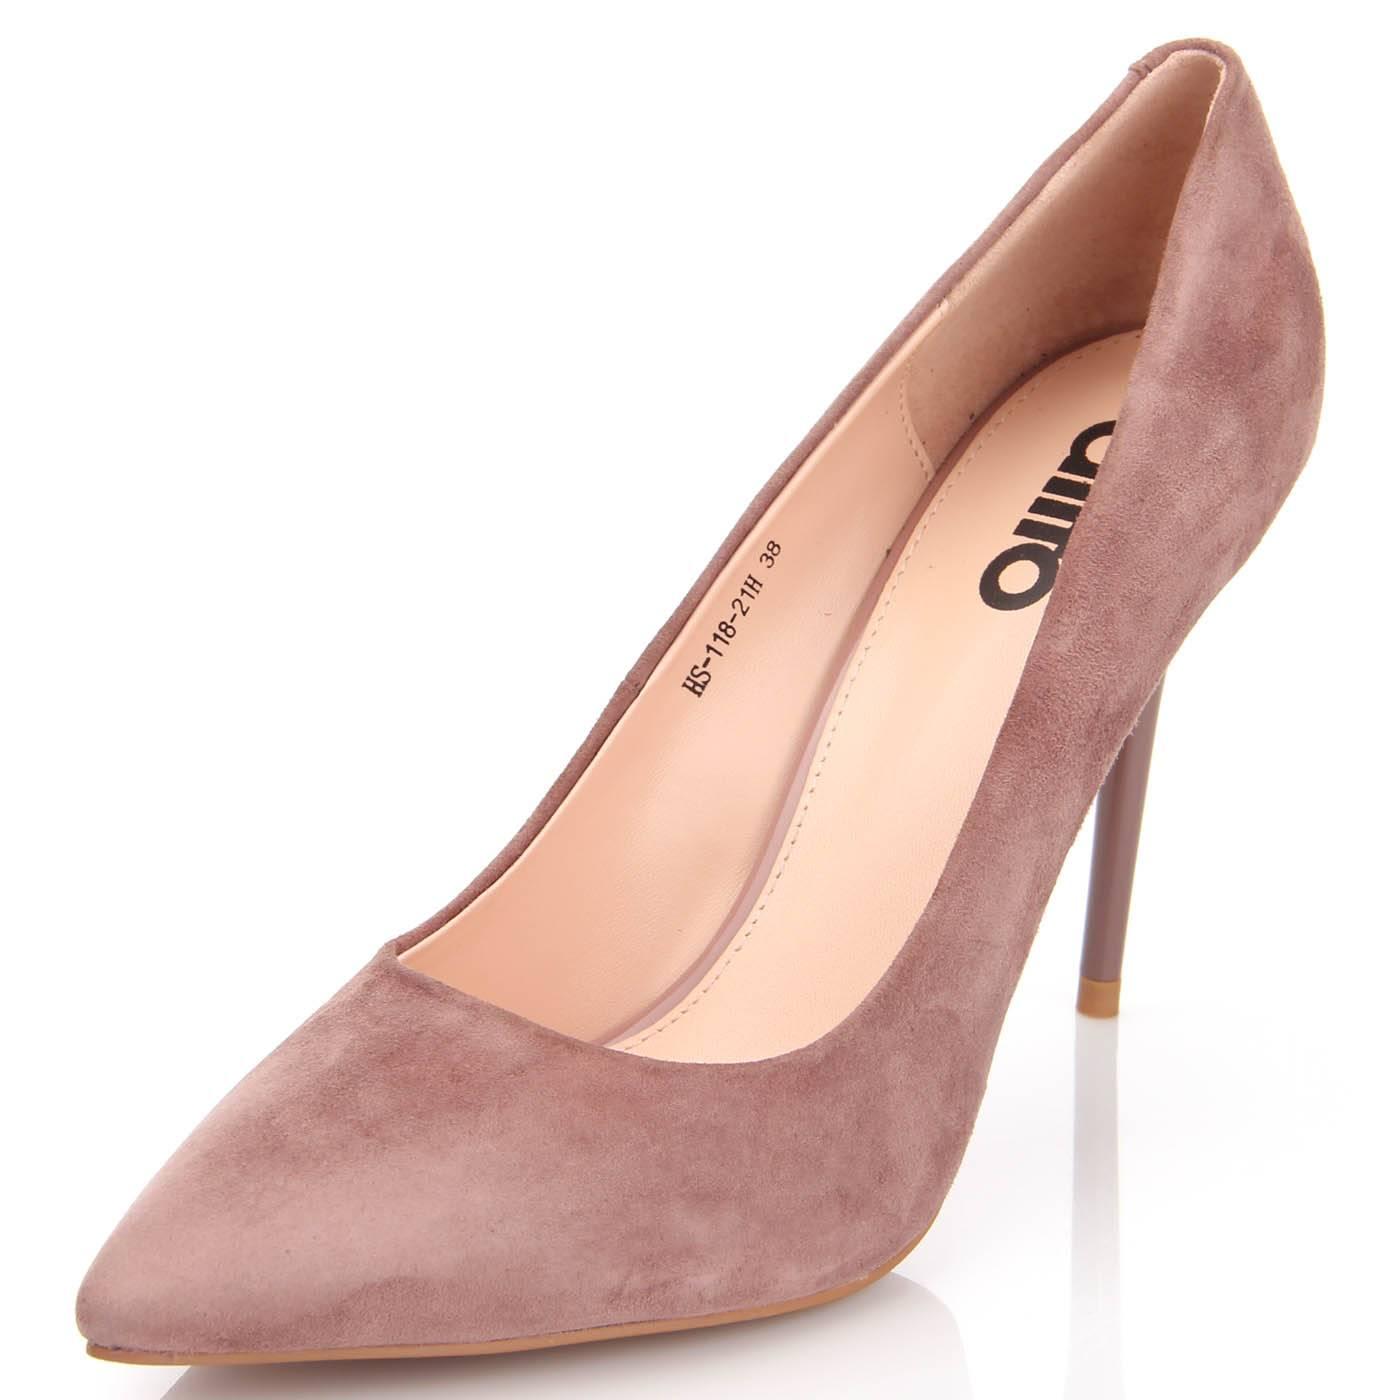 Туфлі жіночі ditto 6923 Коричневий купить по выгодной цене в ... 6d4465871c89e